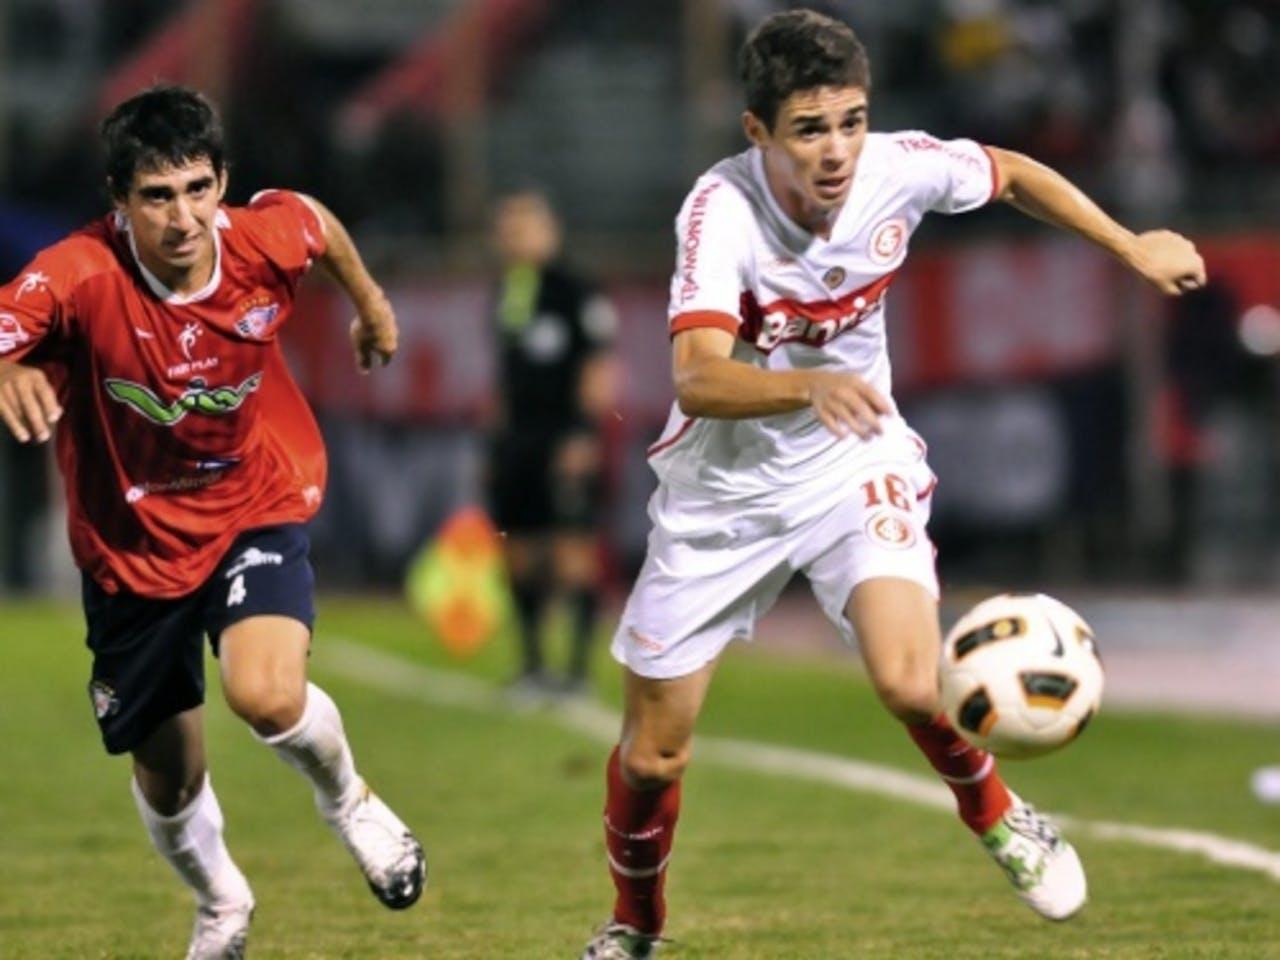 Oscar (R) van het Braziliaanse Internacional in duel met Lucas Fernandez (L) van het Boliviaanse Wilstermann. EPA